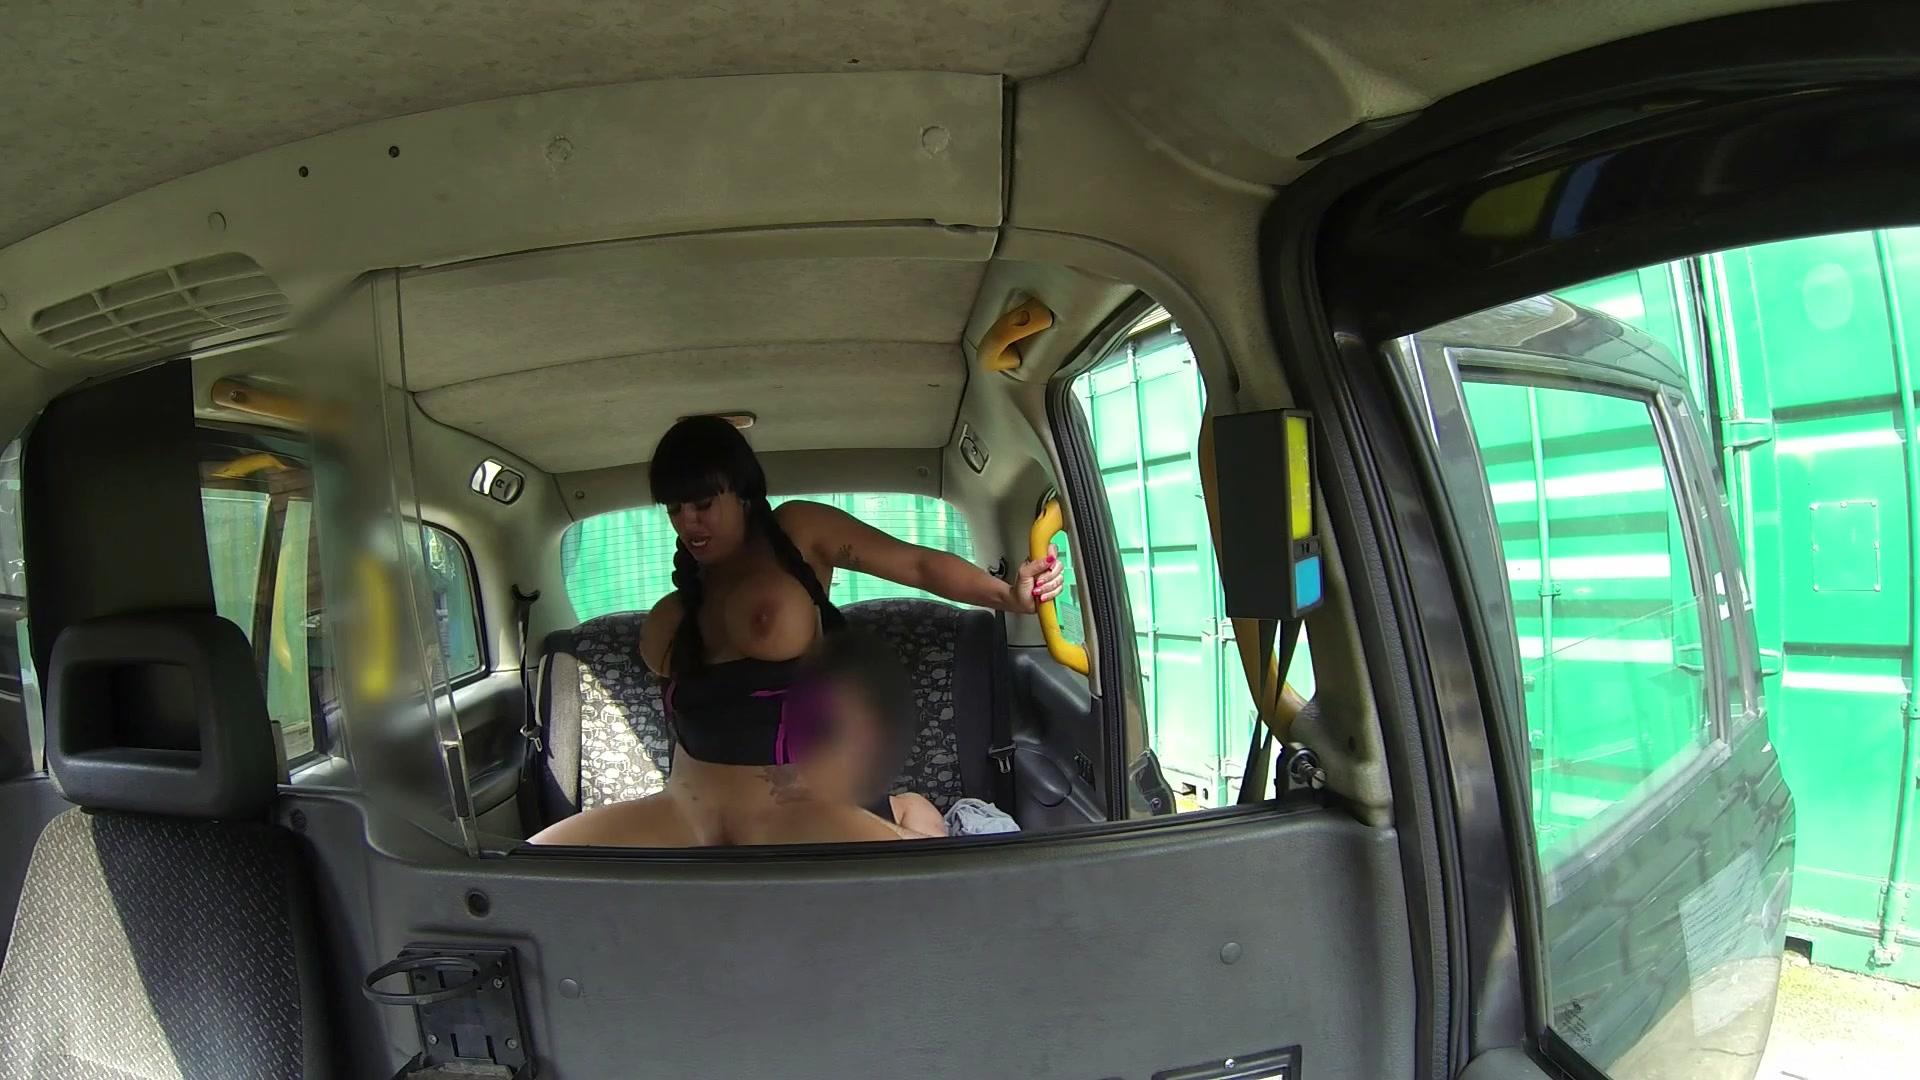 sperma-v-taksi-smotret